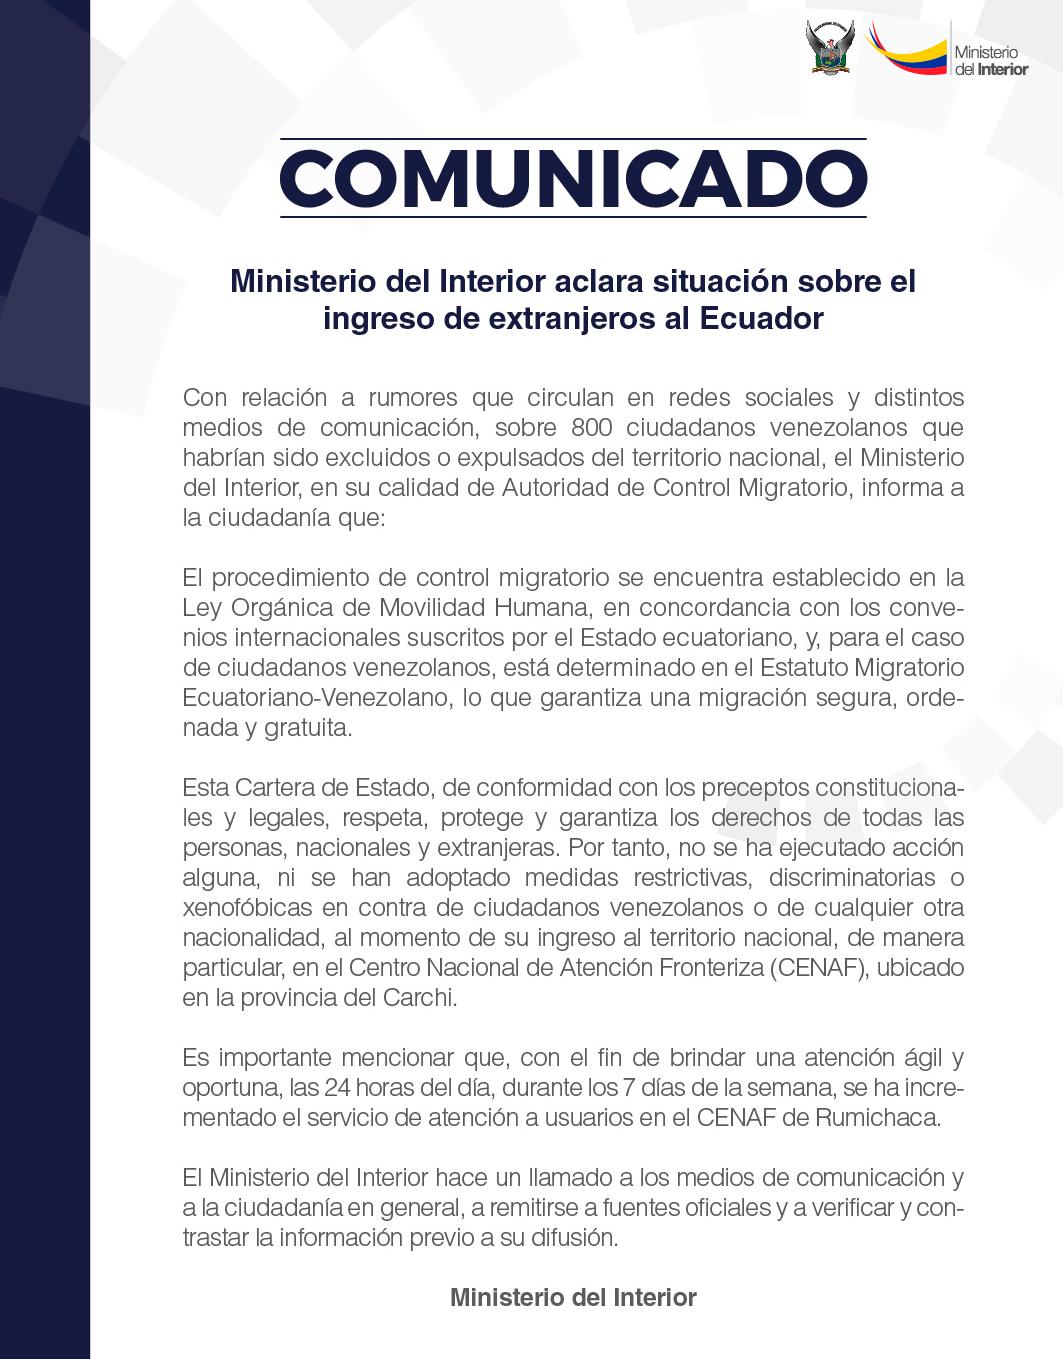 El Ministerio del Interior aclaró rumores de expulsión de ciudadanos venezolanos